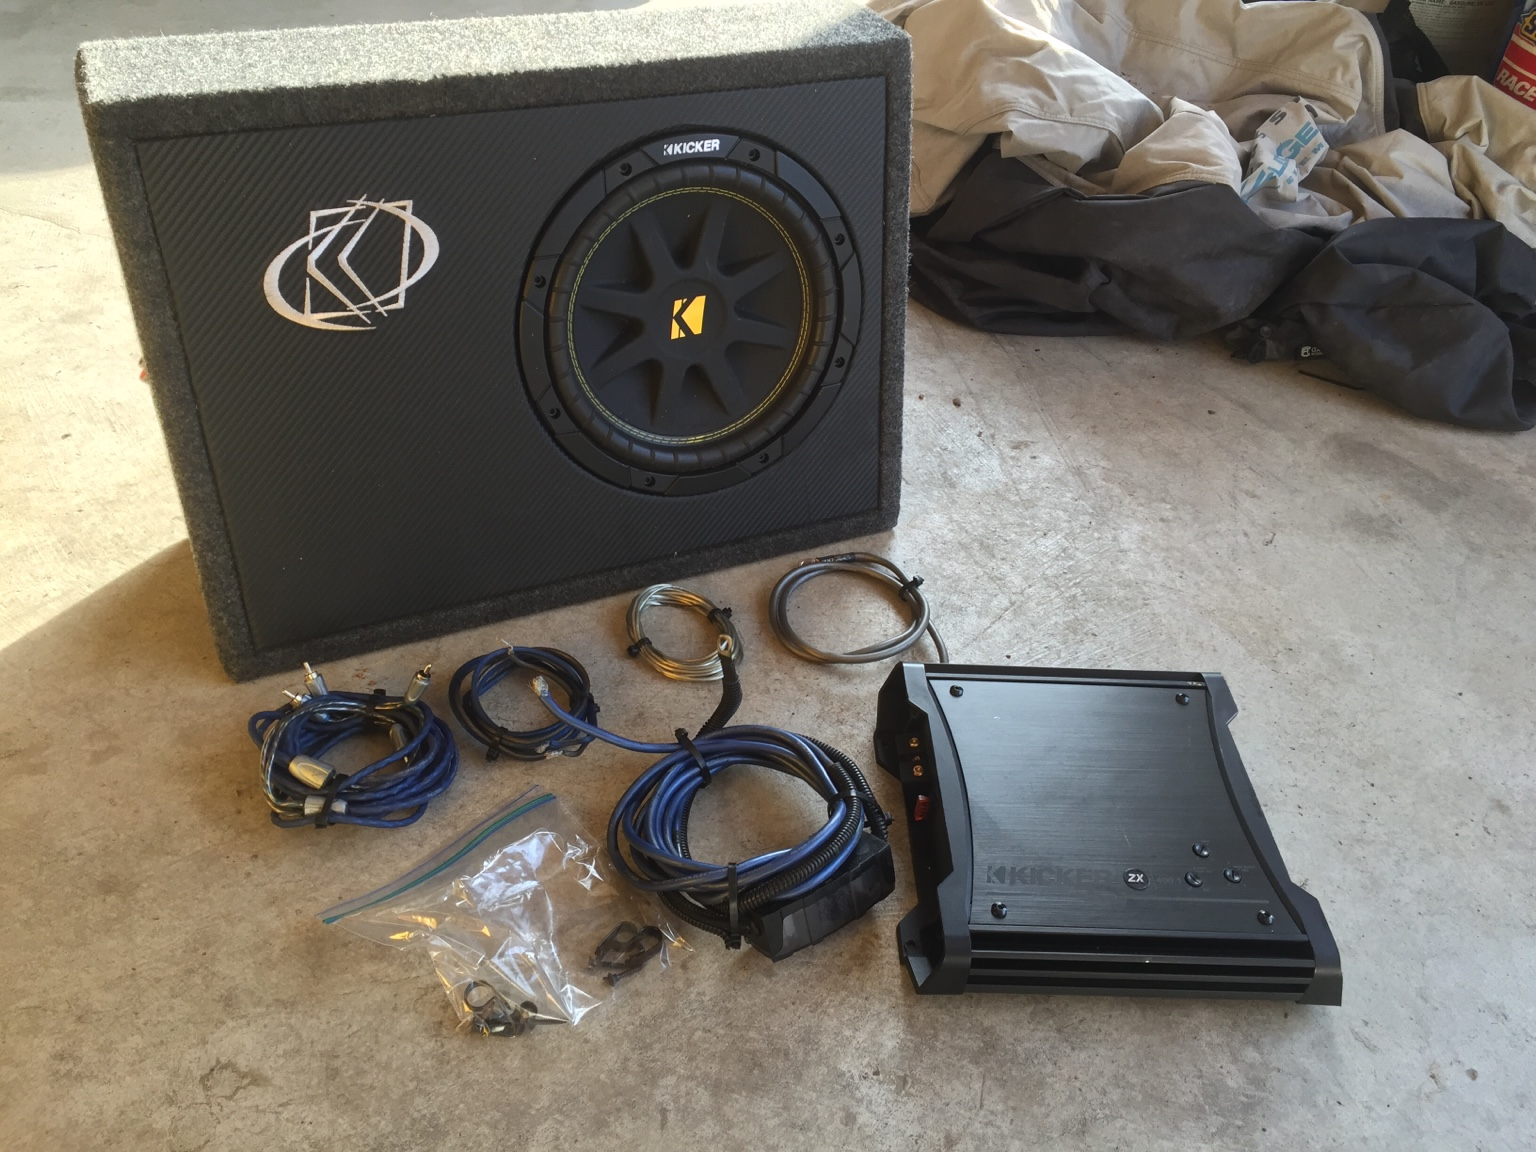 Kicker Sub, Kicker Amp, Kicker Wiring Kit